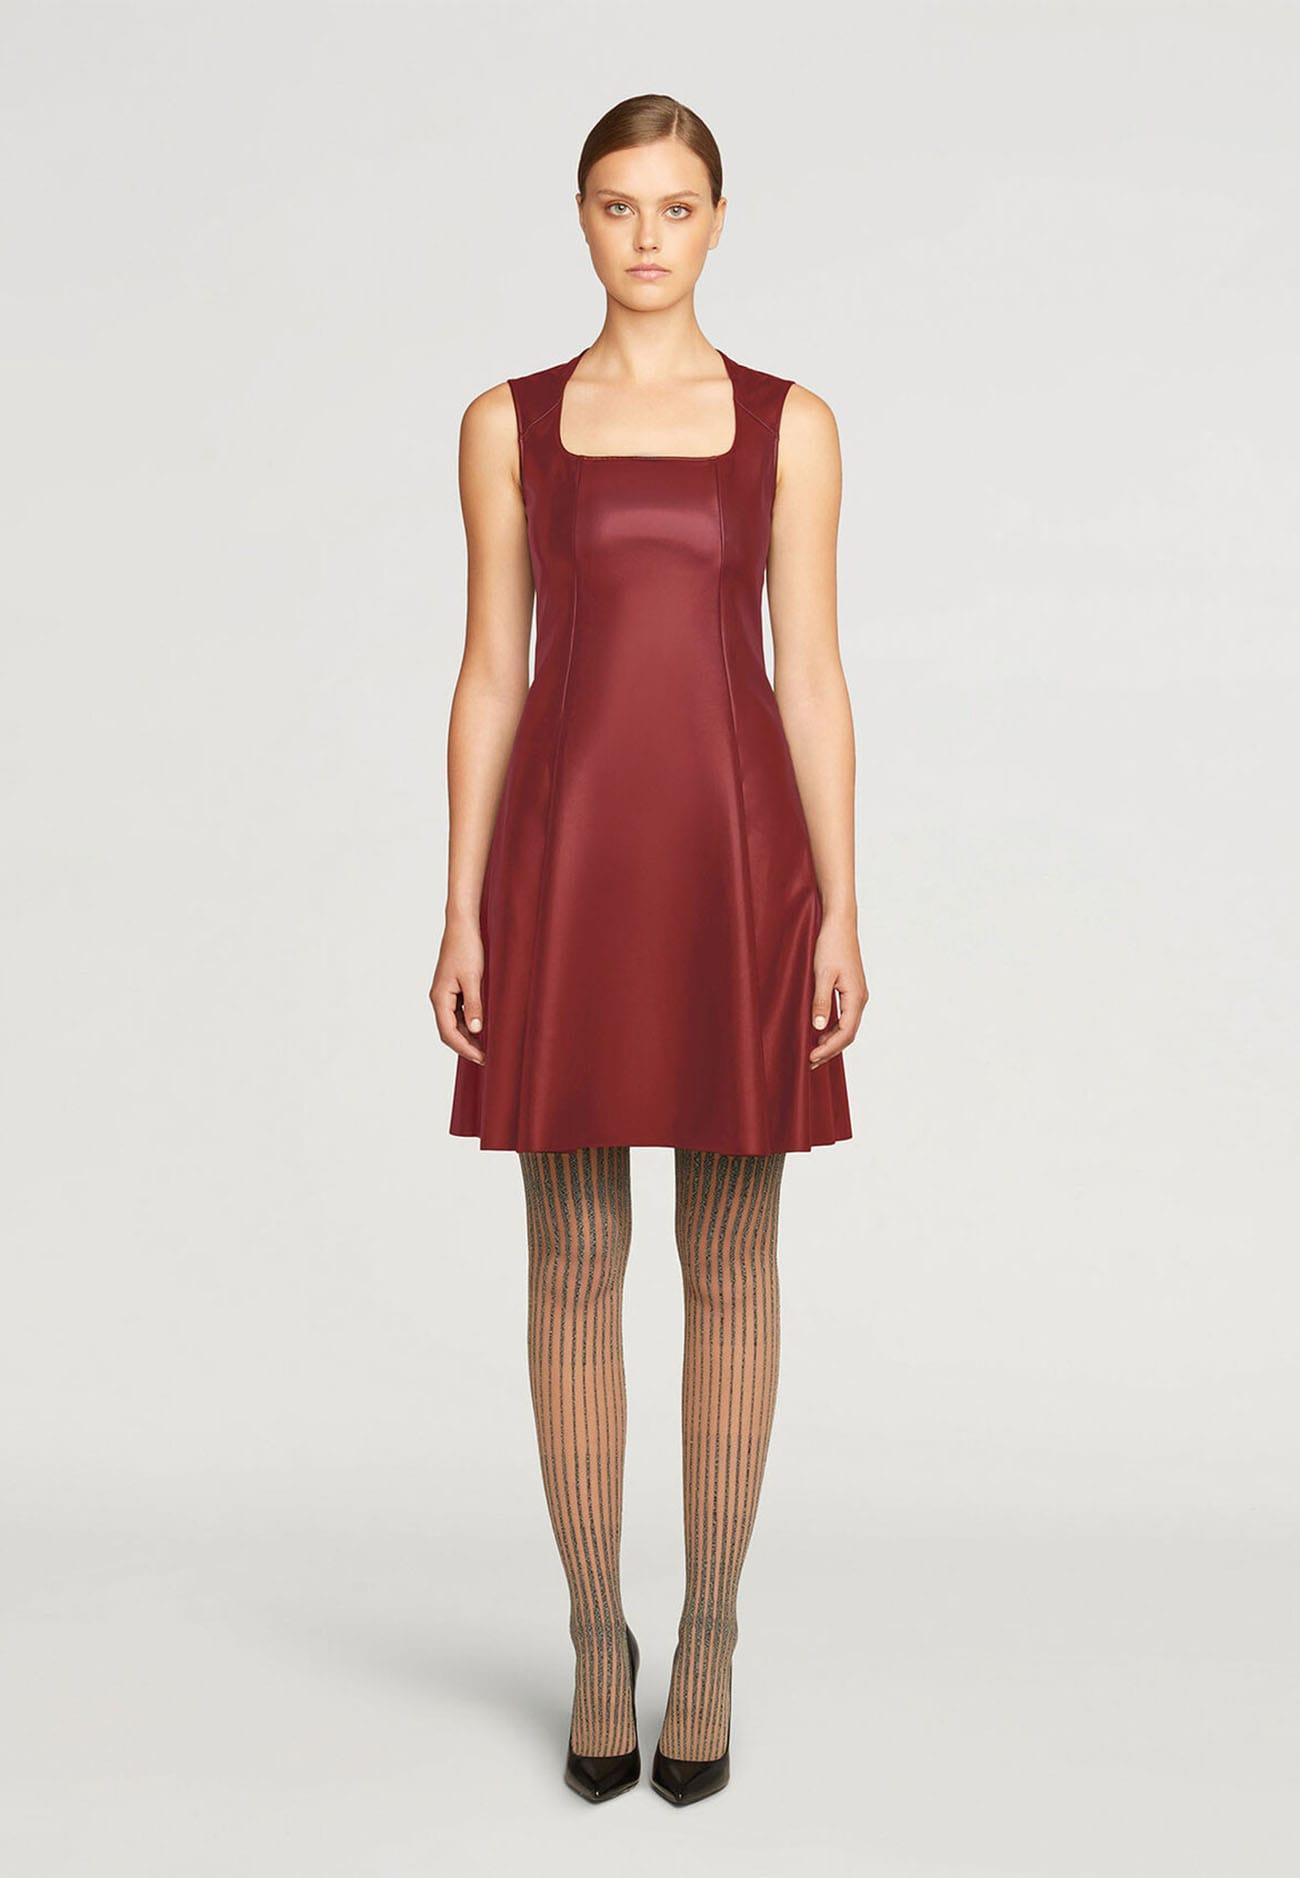 52824 Jenna Dress